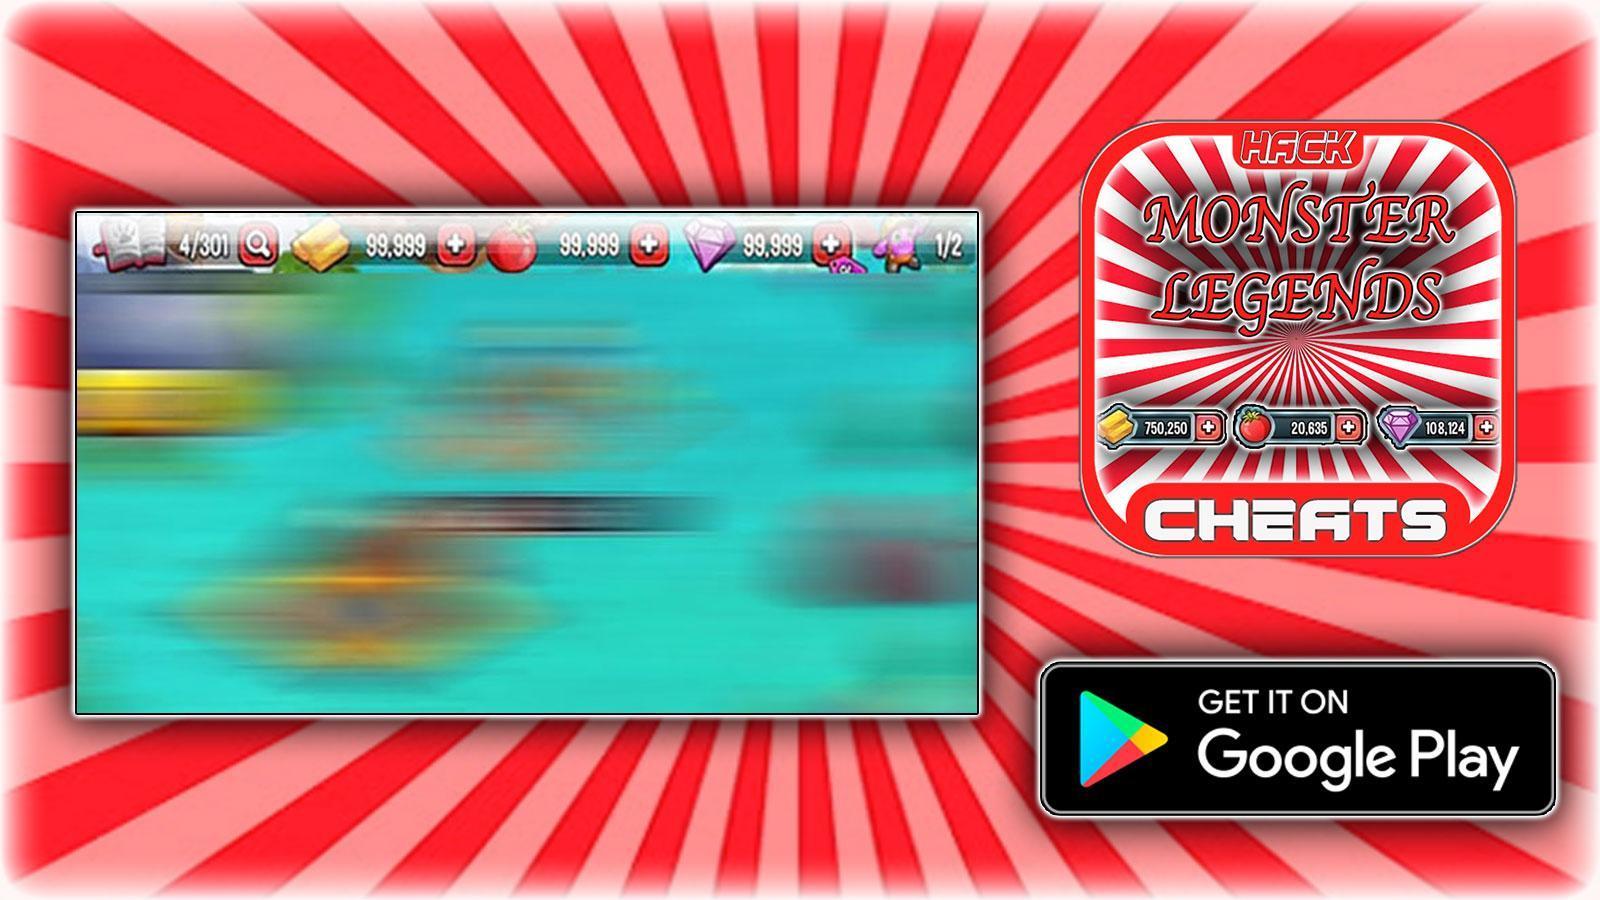 Cheats For Monster Legends Hack Joke App Prank For Android Apk Download